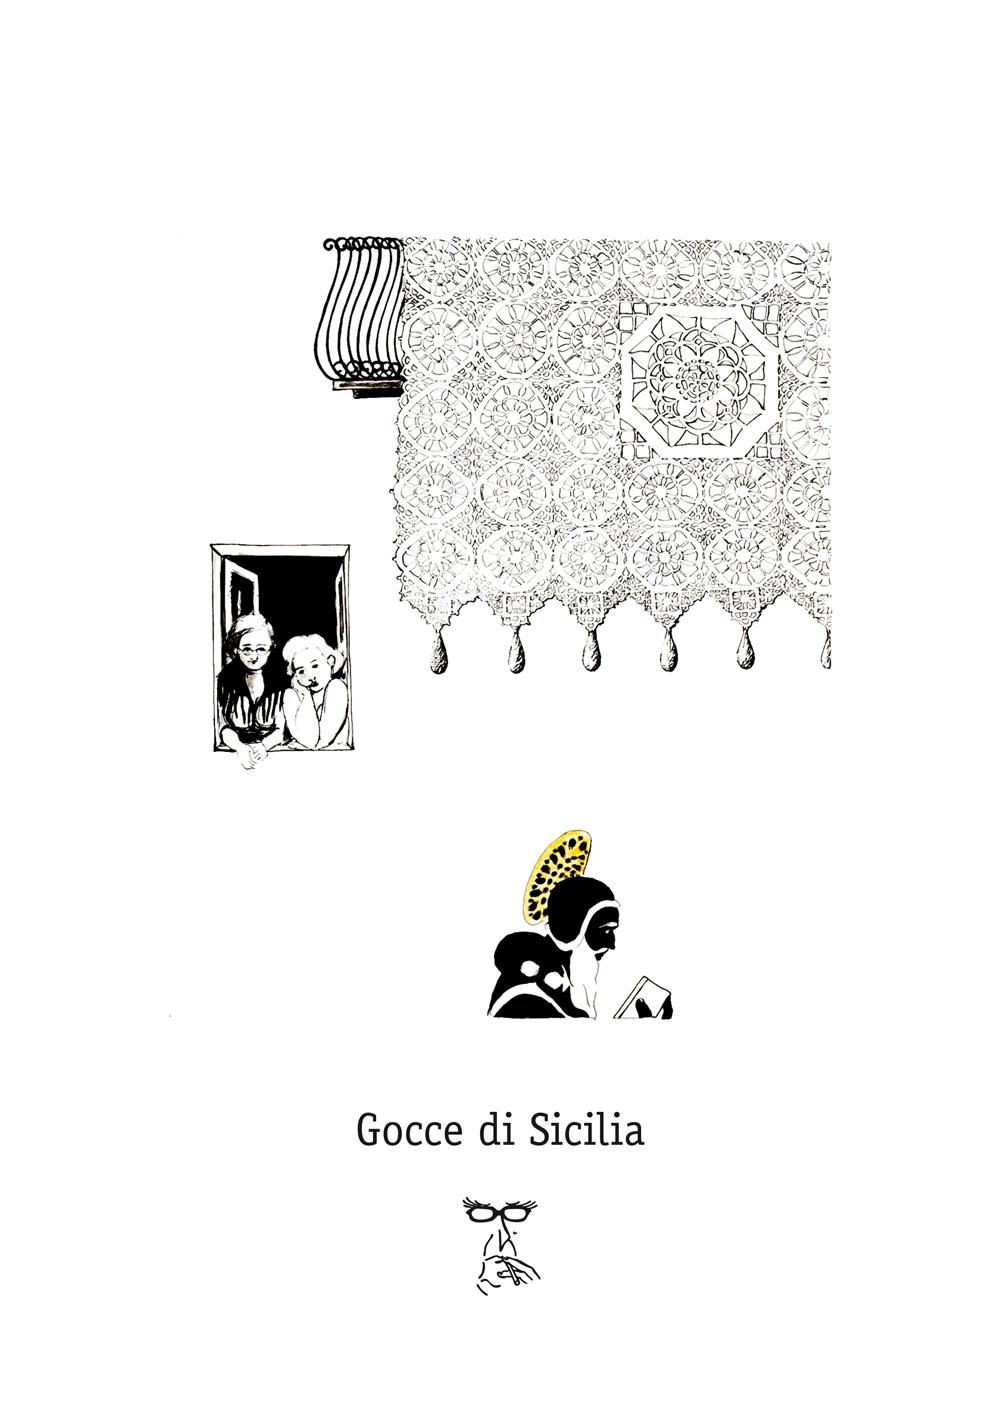 gocce-di-sicilia